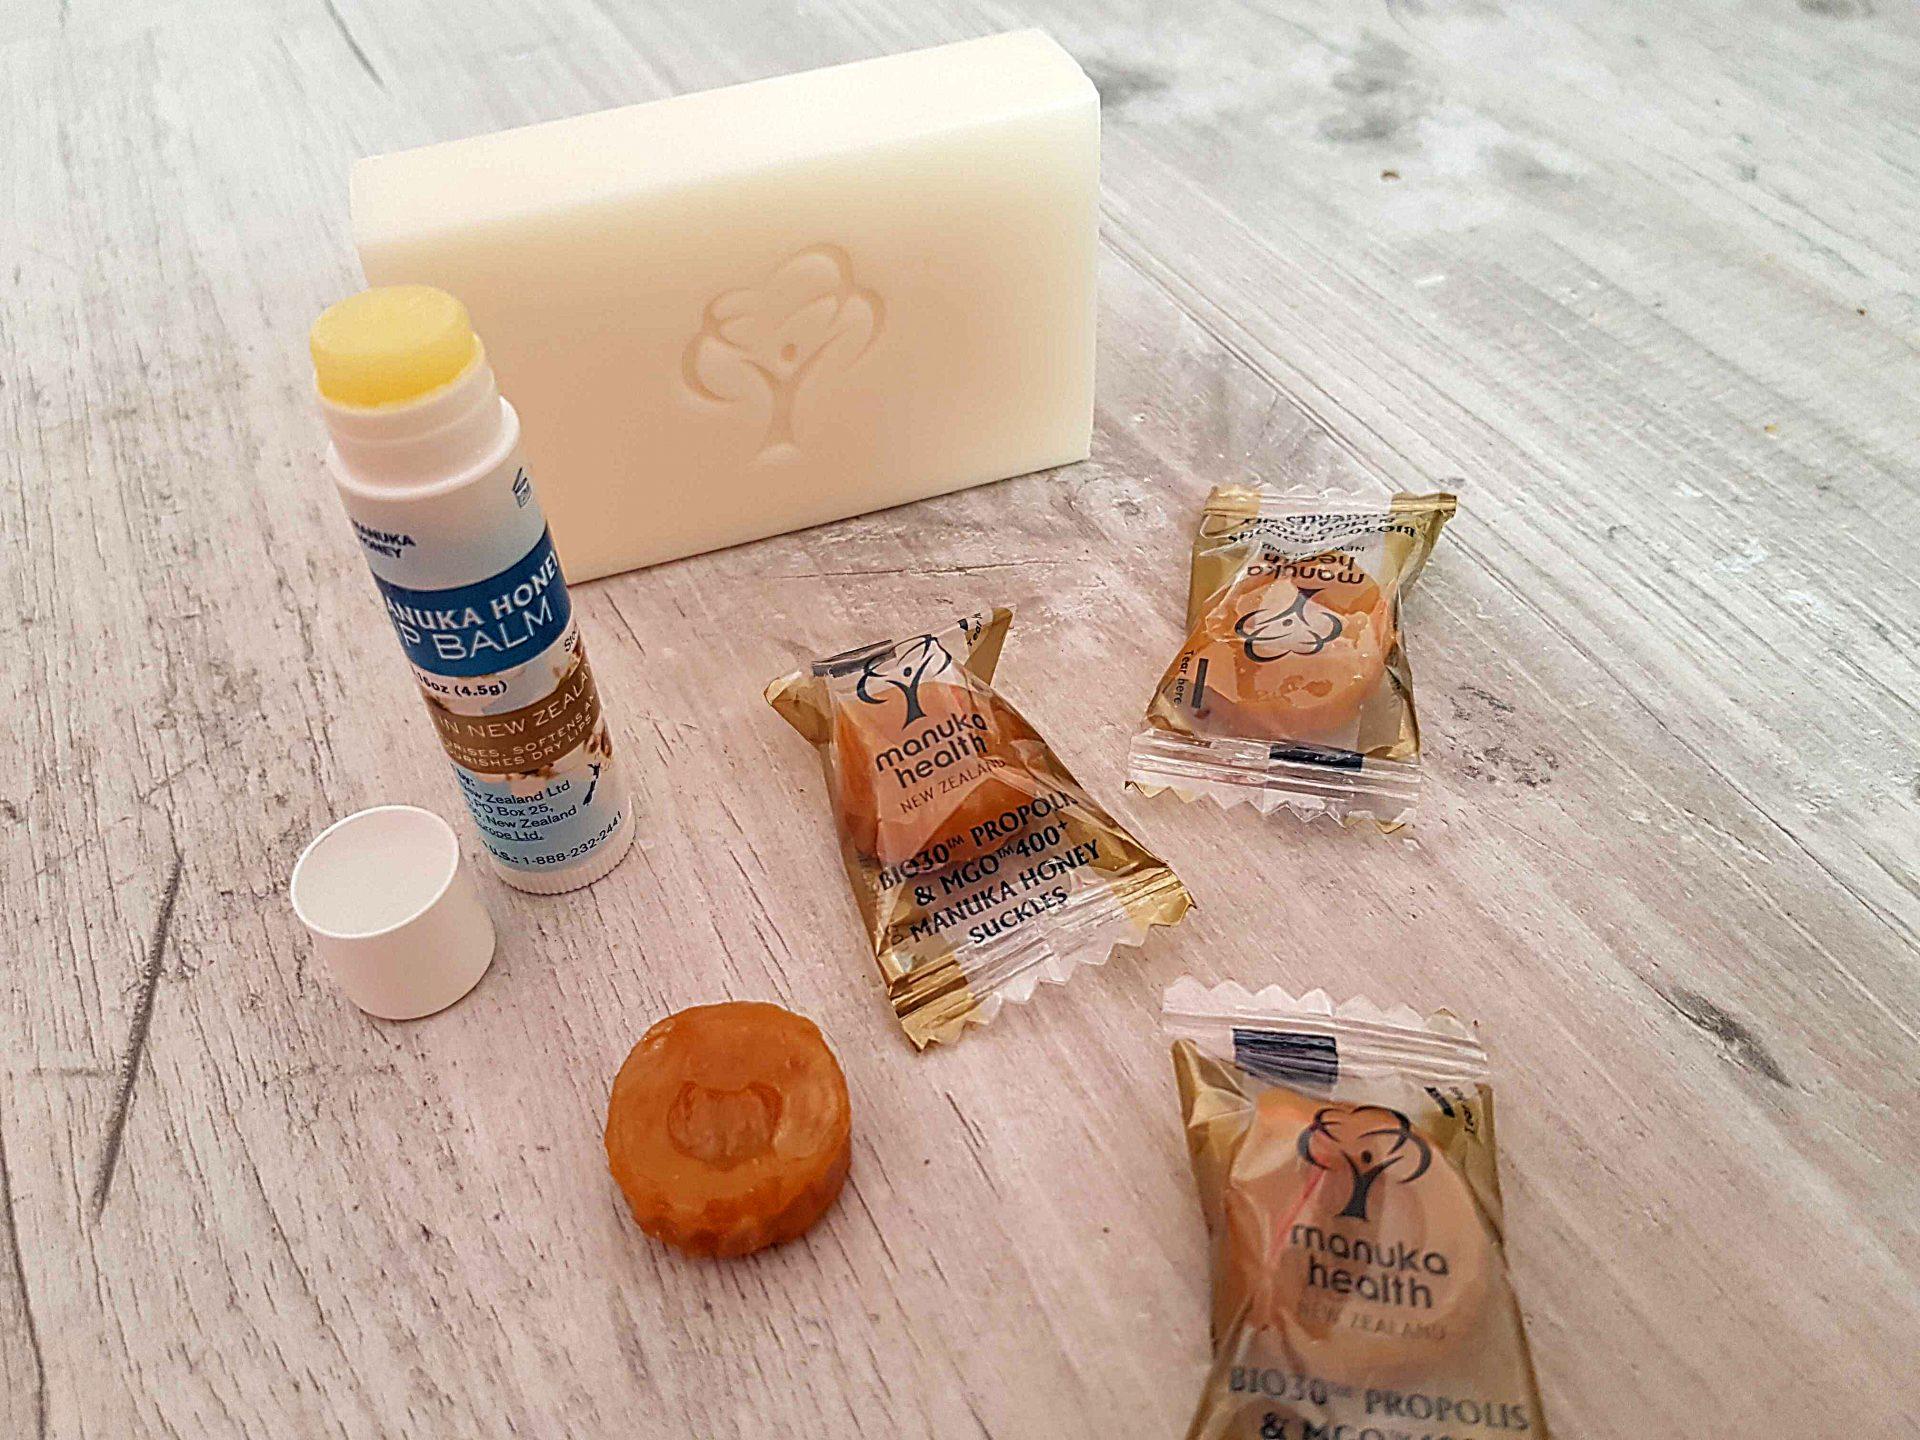 Produkty z miodem Manuka – pomadka, mydło i cukierki